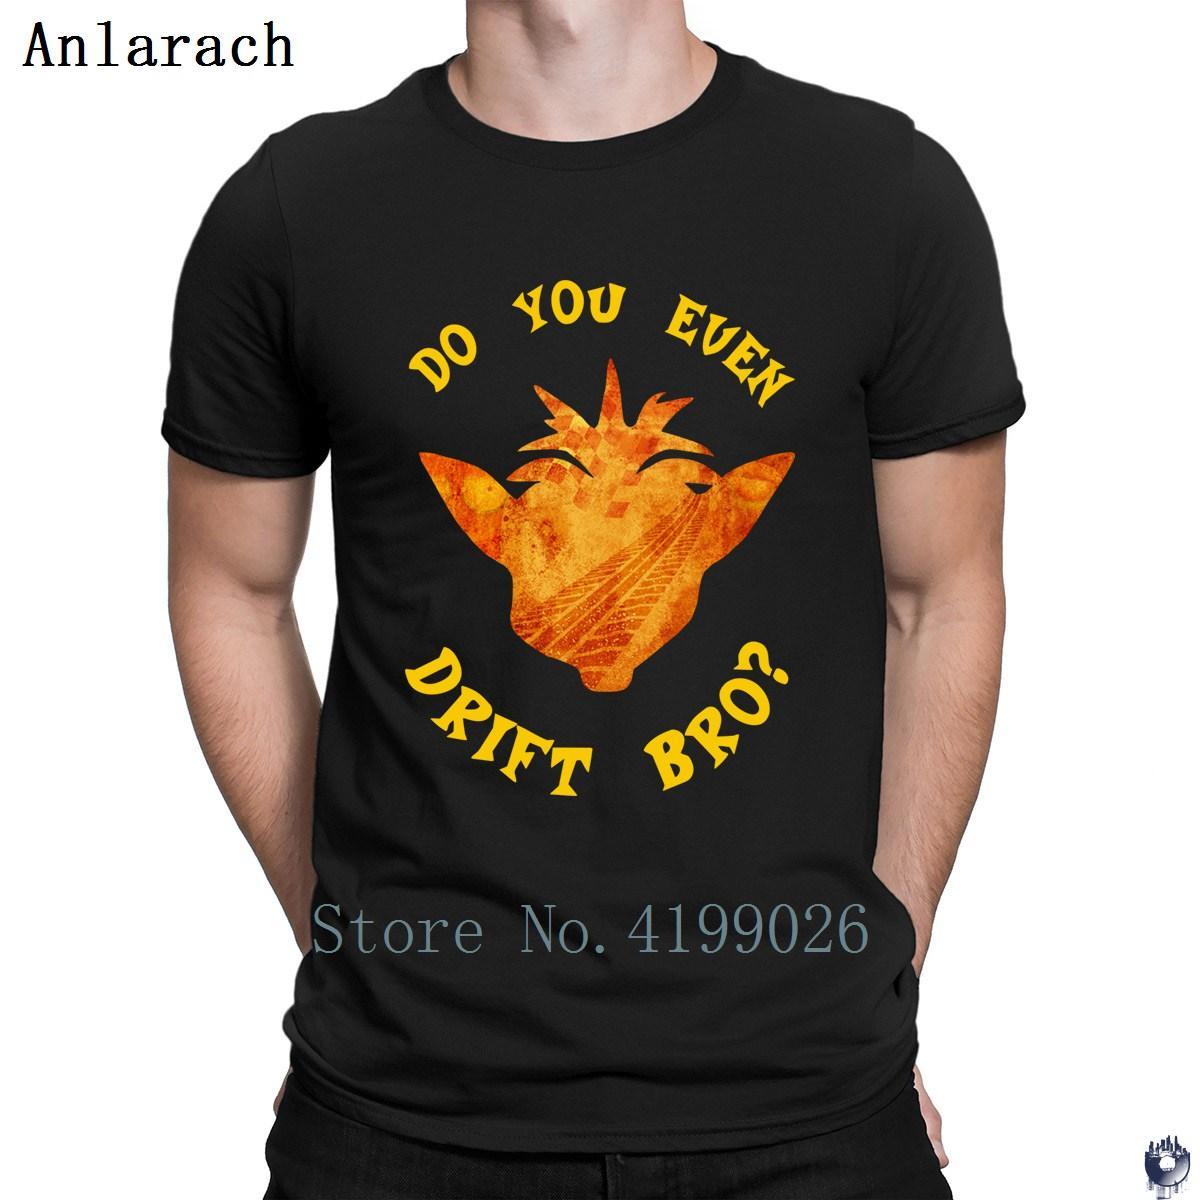 Baskı erkekler ilginç Sunlight Unisex Anlarach Temel için t shirt başında size daha Drift Bro tişörtler pamuk basit Desen Do